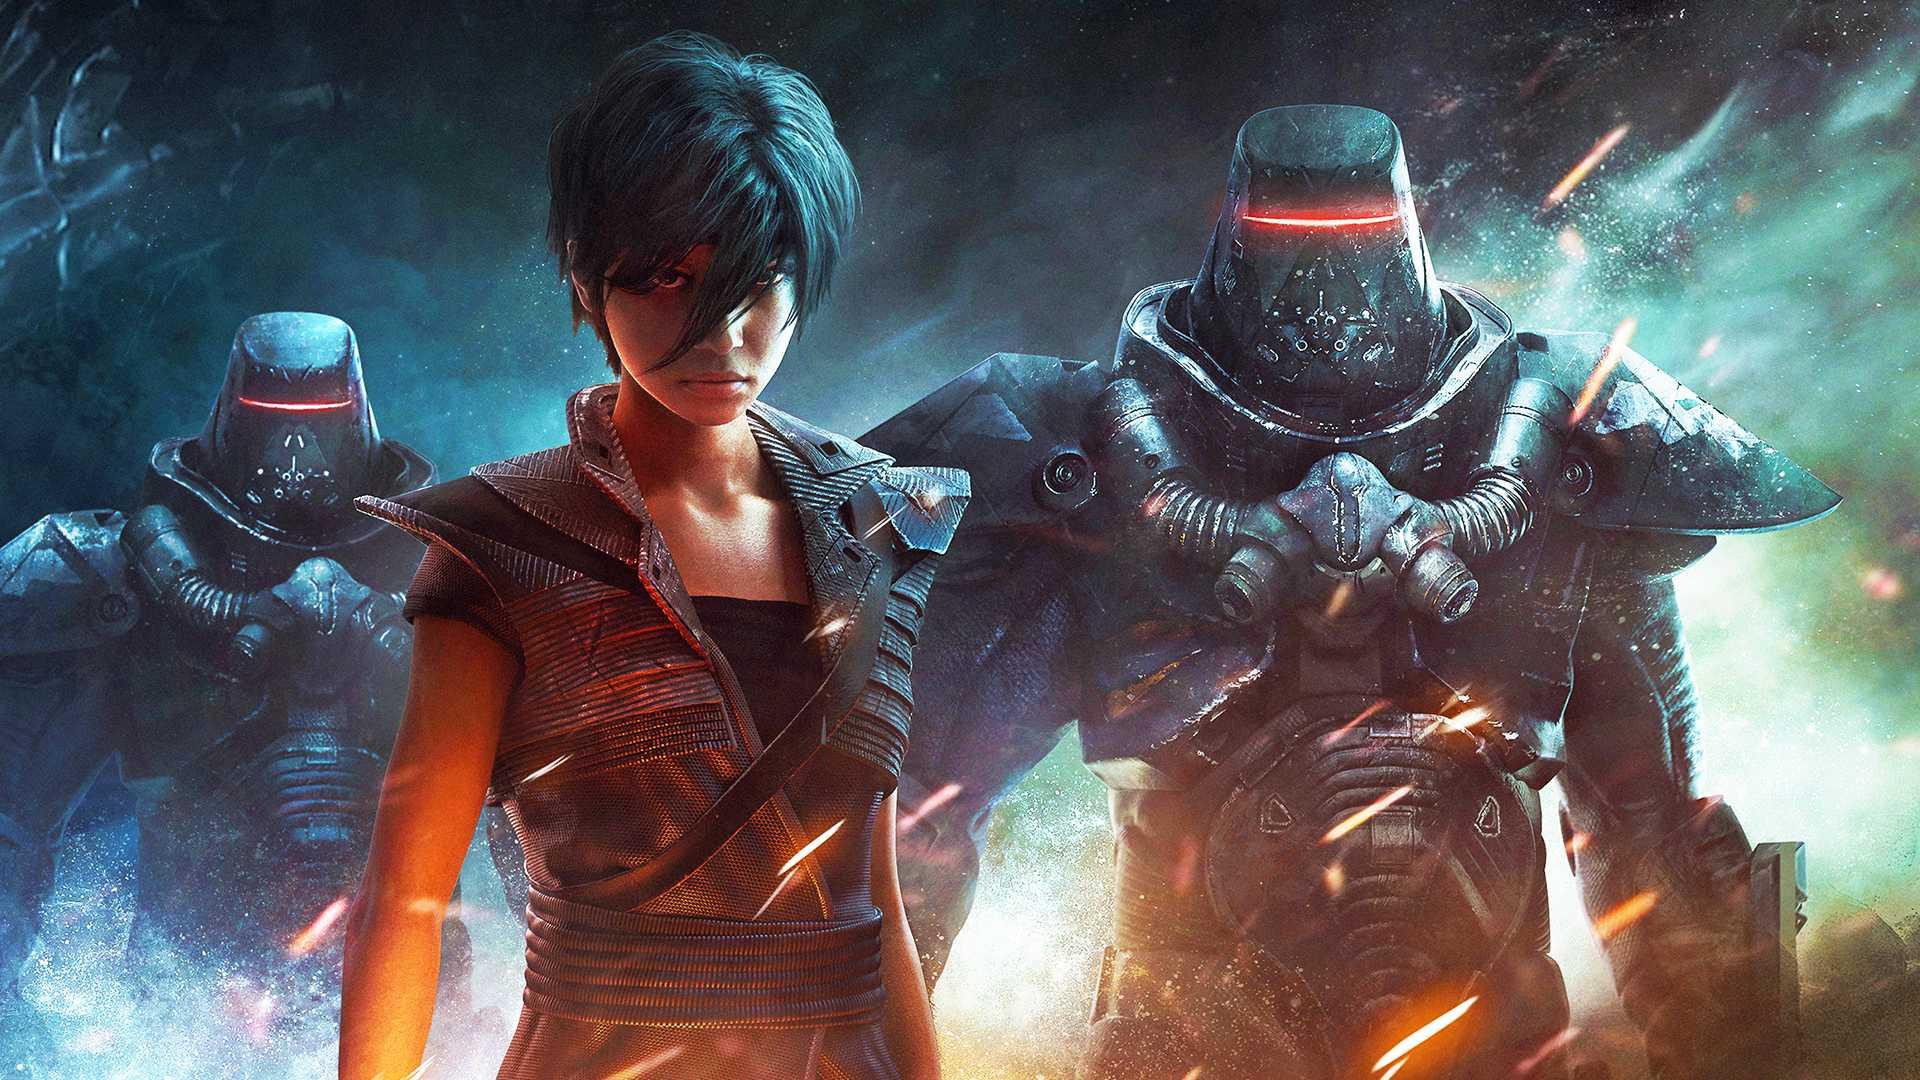 Дата выхода Beyond Good and Evil 2 может быть объявлена уже скоро. Что известно об игре?